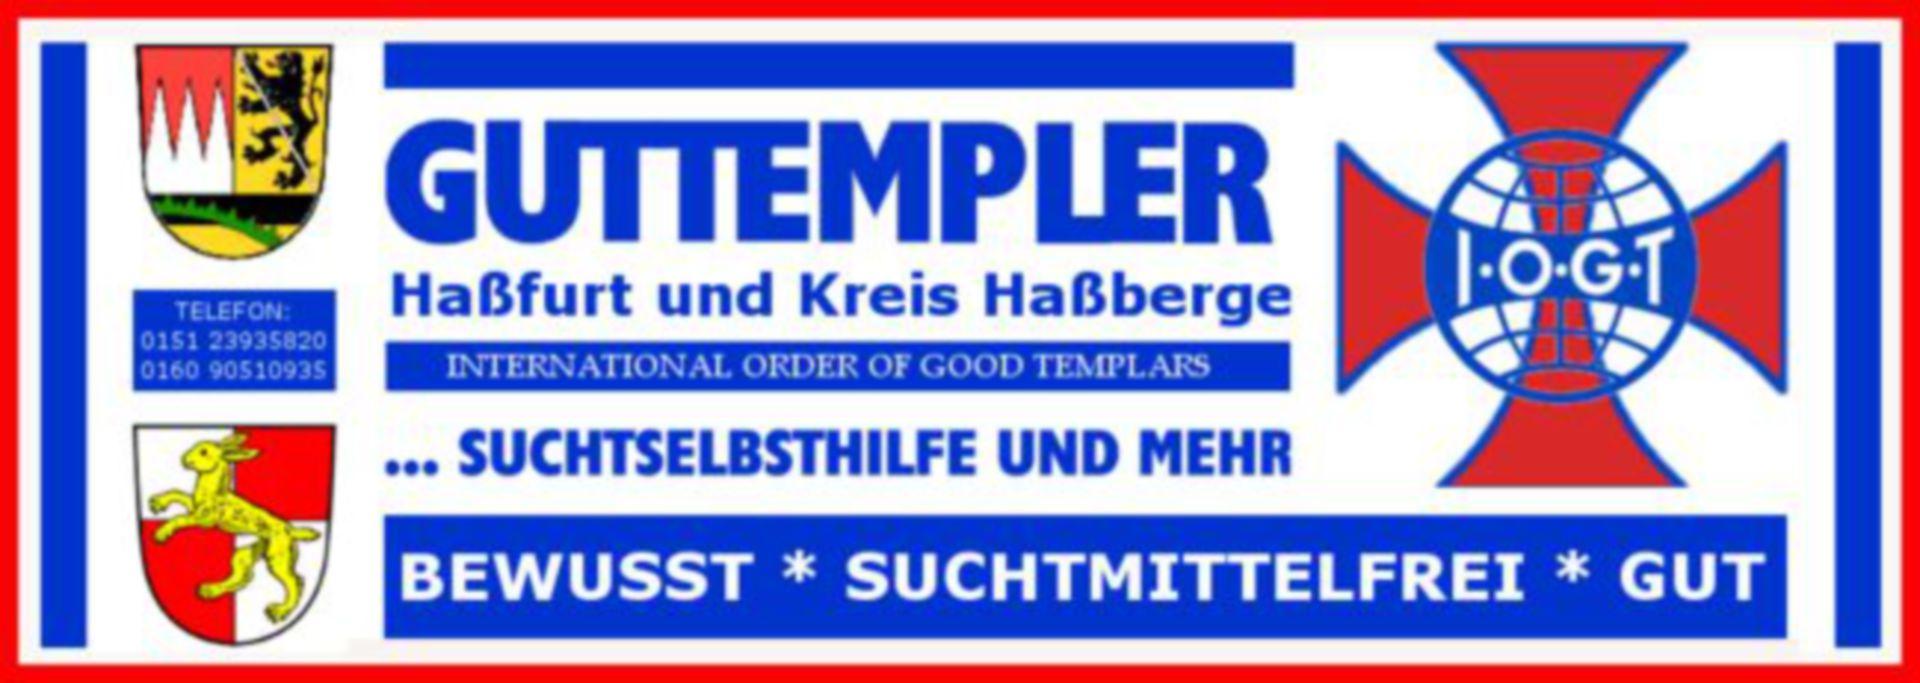 La orden de los Buenos Templarios